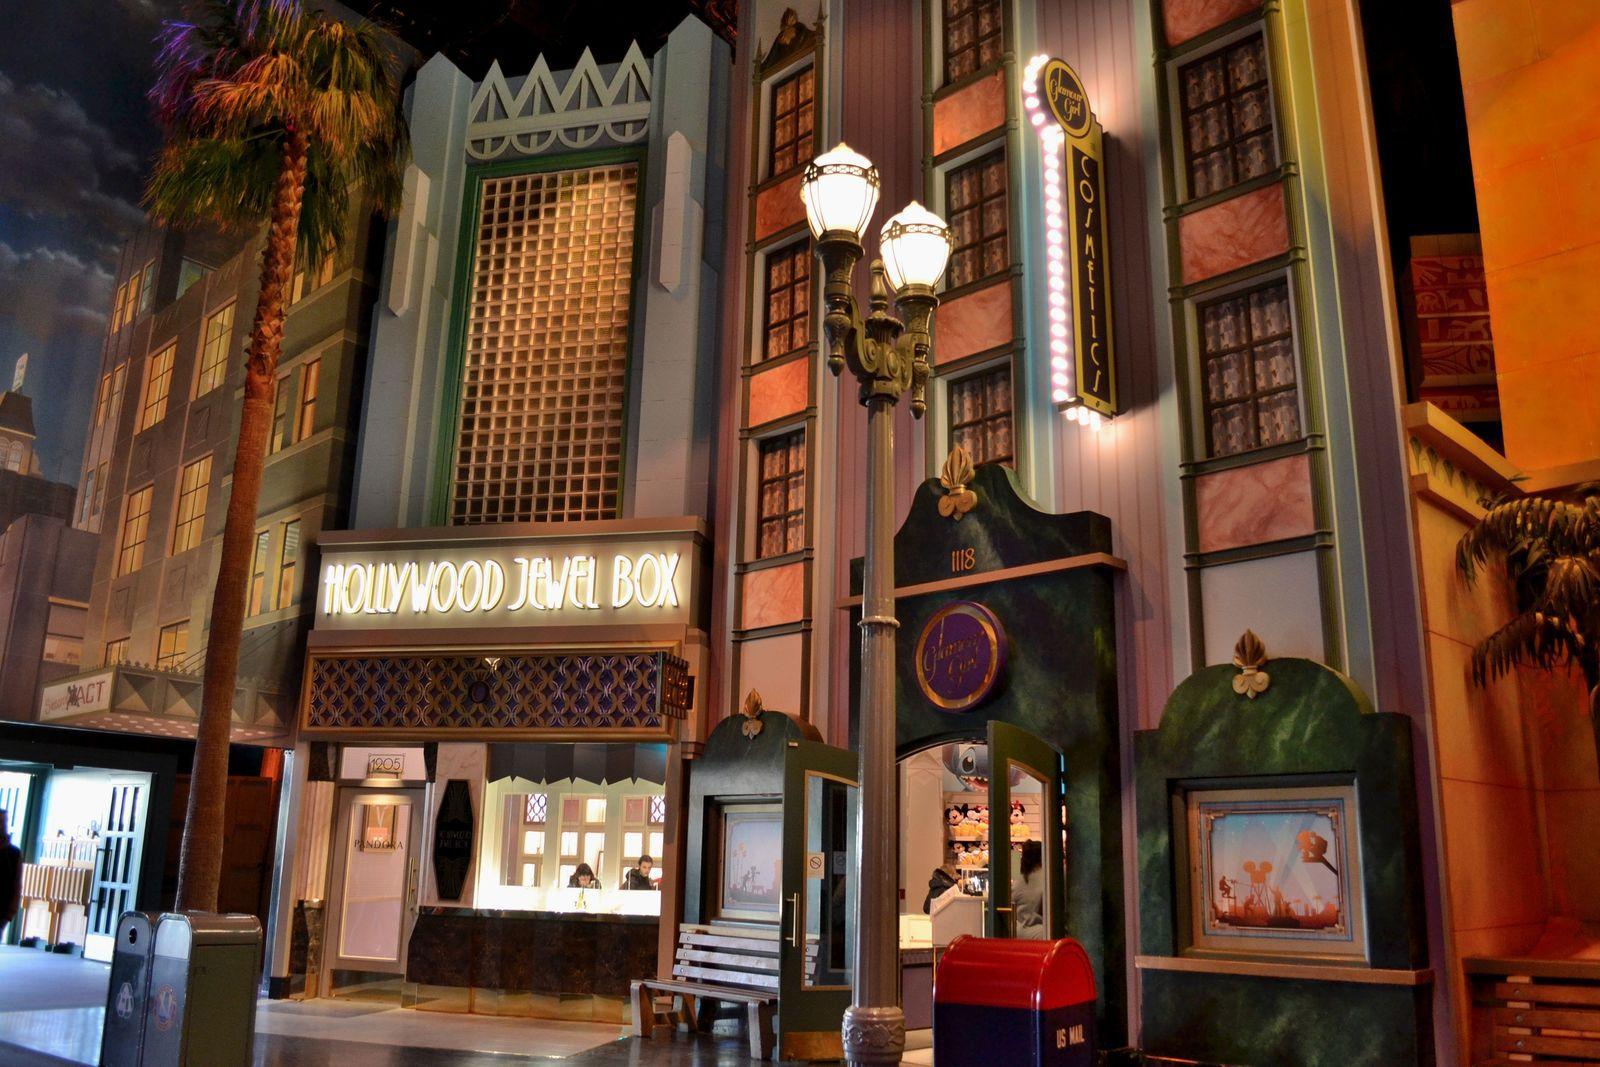 A l'intérieur de Studio 1, le bâtiment se situant à l'entrée et qu'il faut traverser pour accéder au reste du parc. Studio 1 se présente comme un Hollywood mythique tel qu'il aurait pu exister durant l'Âge d'or dans les années 1930, et révèle les artifices des décorateurs avec ses nombreuses boutiques « cachées » derrière de véritables façades de cinéma. Des éléments architecturaux célèbres d'Hollywood sont ainsi reproduits, et un ciel nocturne a été recréé. Sur la photo ci-dessus, un décor de station-service rendant hommage à l'ambiance de la route 66. J'étais littéralement ébahie face à ce spectable, c'était juste trop beau!